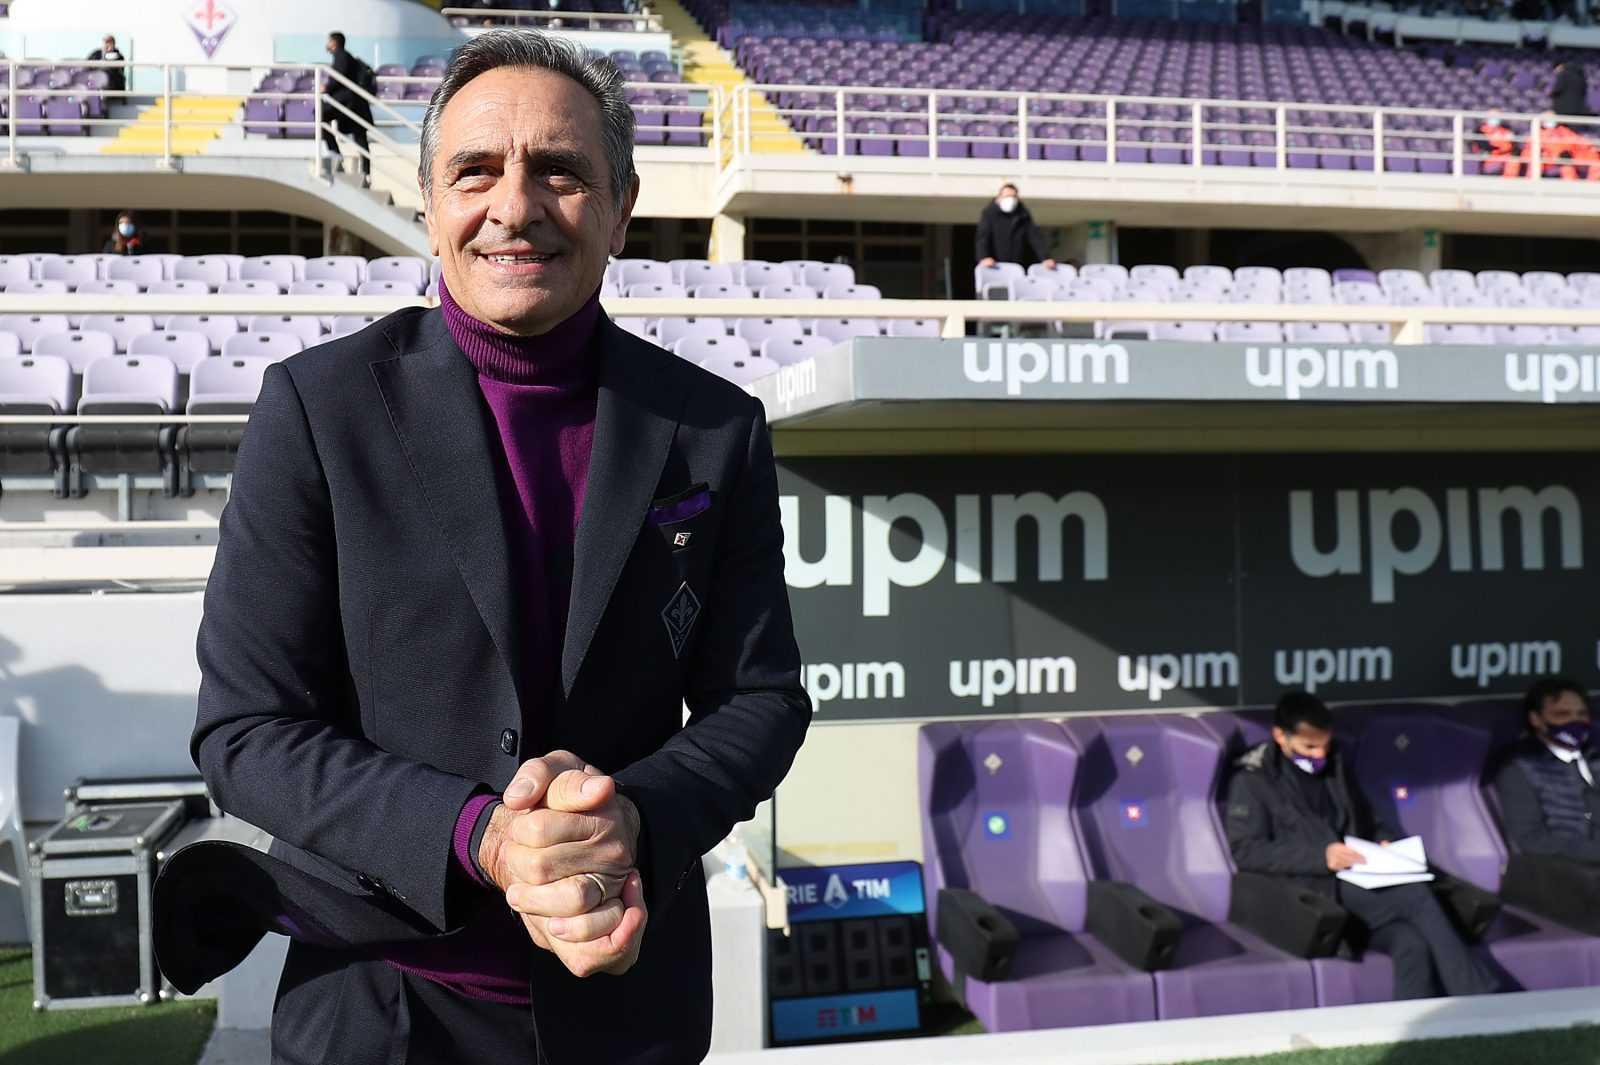 Le pagelle di Fiorentina-Parma (3-3): pareggio amaro